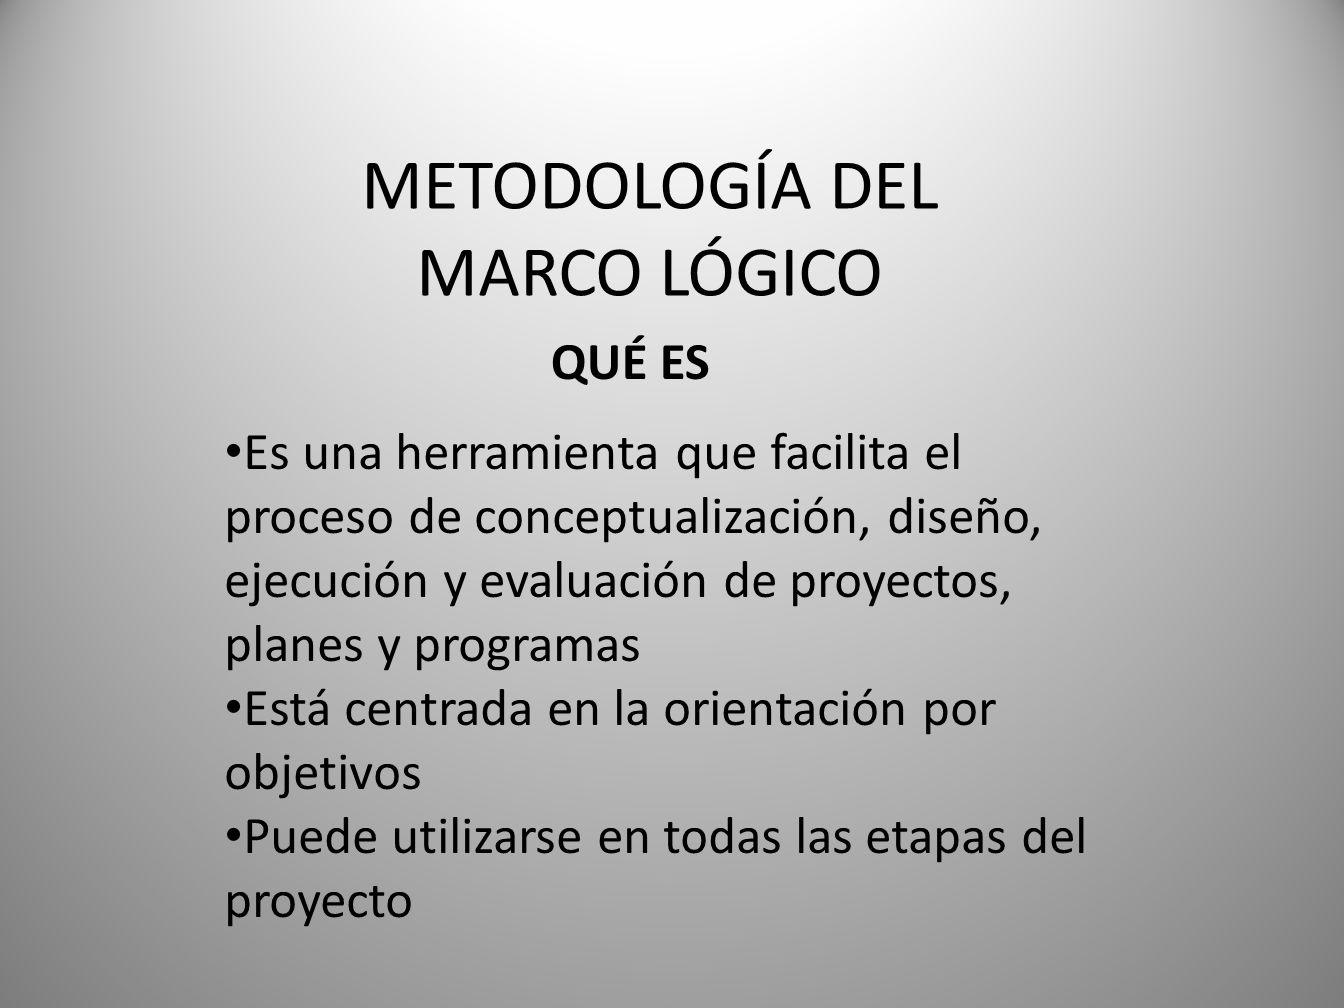 METODOLOGÍA Y MATRIZ DE MARCO LÓGICO METODOLOGÍA Contempla el análisis del problema, análisis de los involucrados, jerarquía de objetivos y selección de una estrategia de implementación 2 Etapas: Identificación del problema y alternativas de solución Planificación MATRIZ DEL MARCO LÓGICO Es el producto de la metodología y resume el proyecto que se pretende hacer Corresponde a la segunda etapa de la metodología, donde el proyecto se convierte en un plan operativo práctico para la ejecución